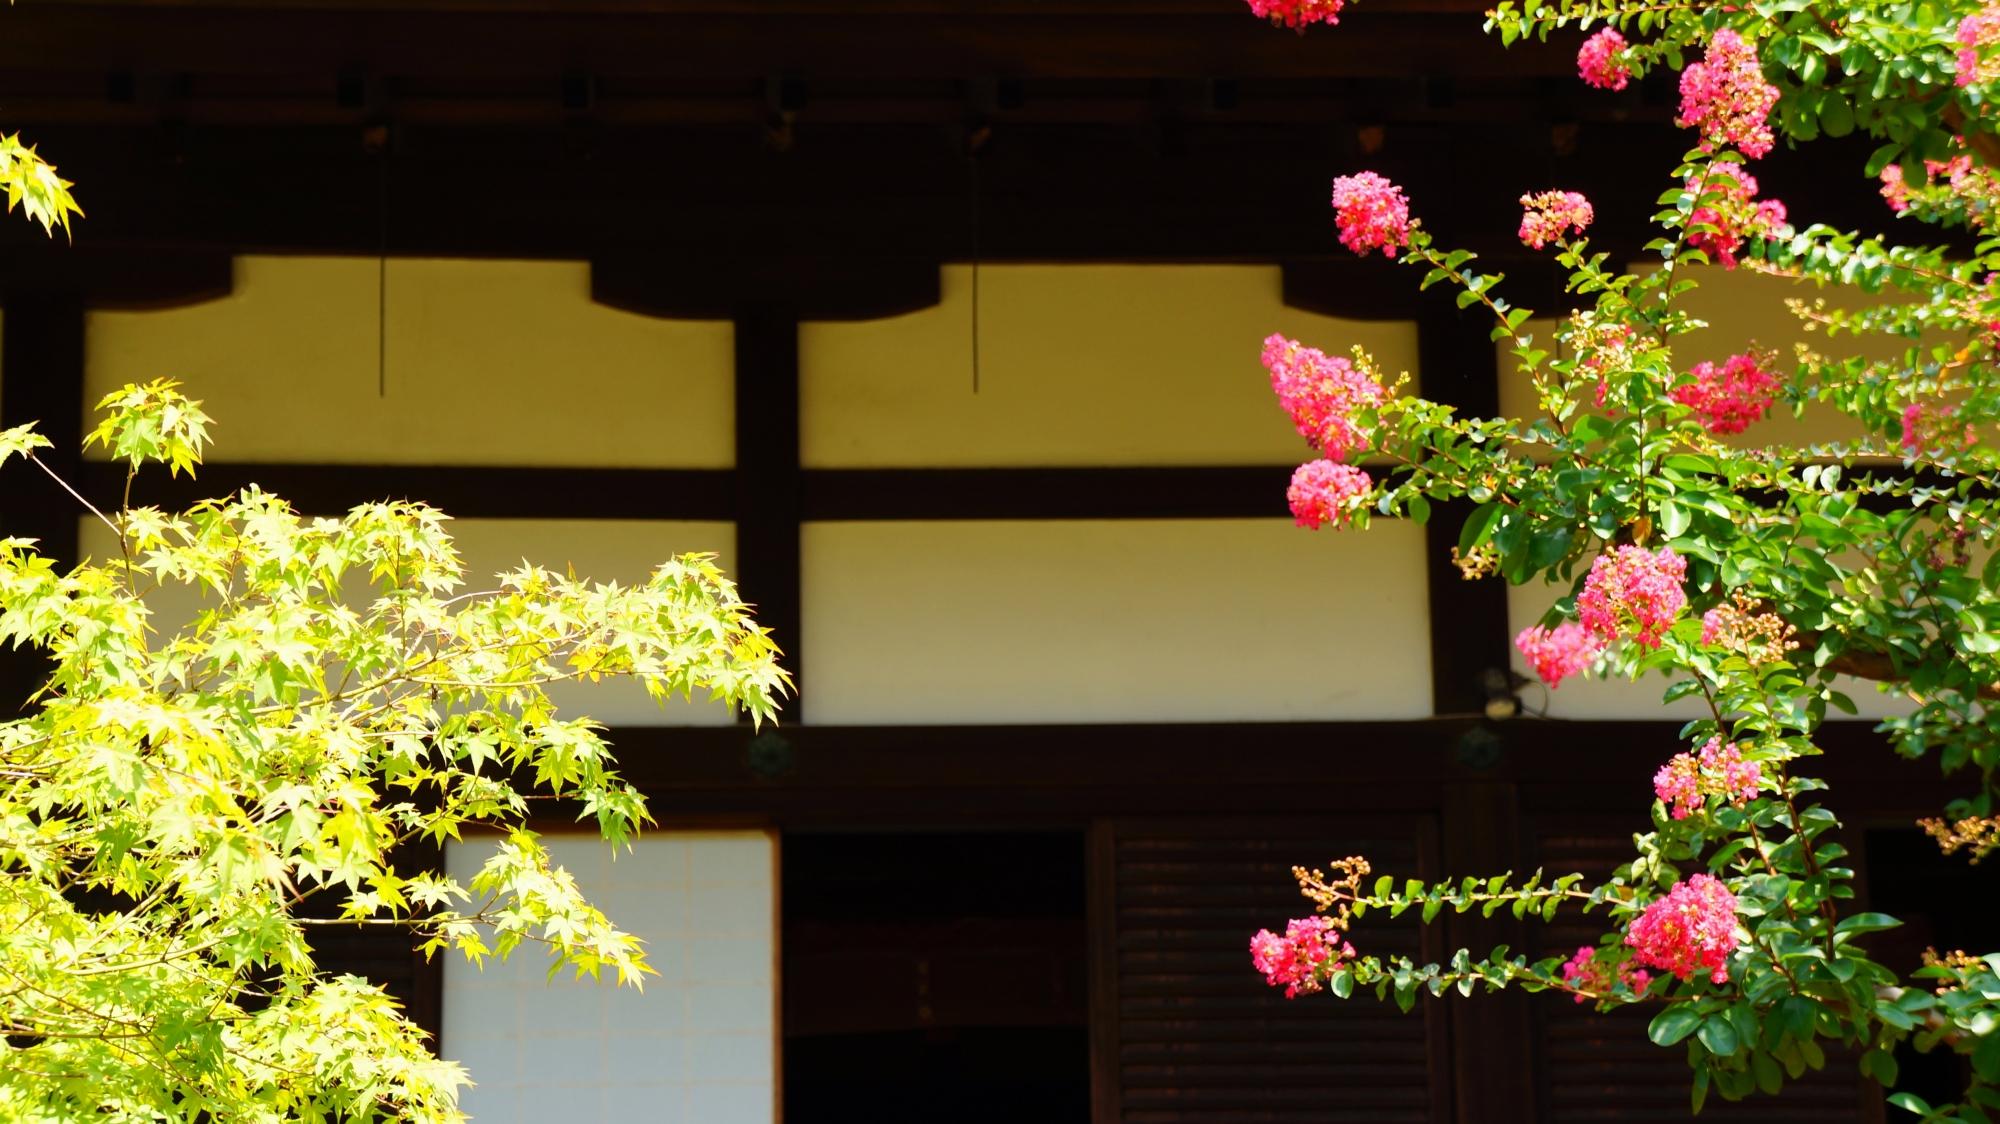 青蓮院の暑い夏を彩る百日紅のピンクと青もみじの緑